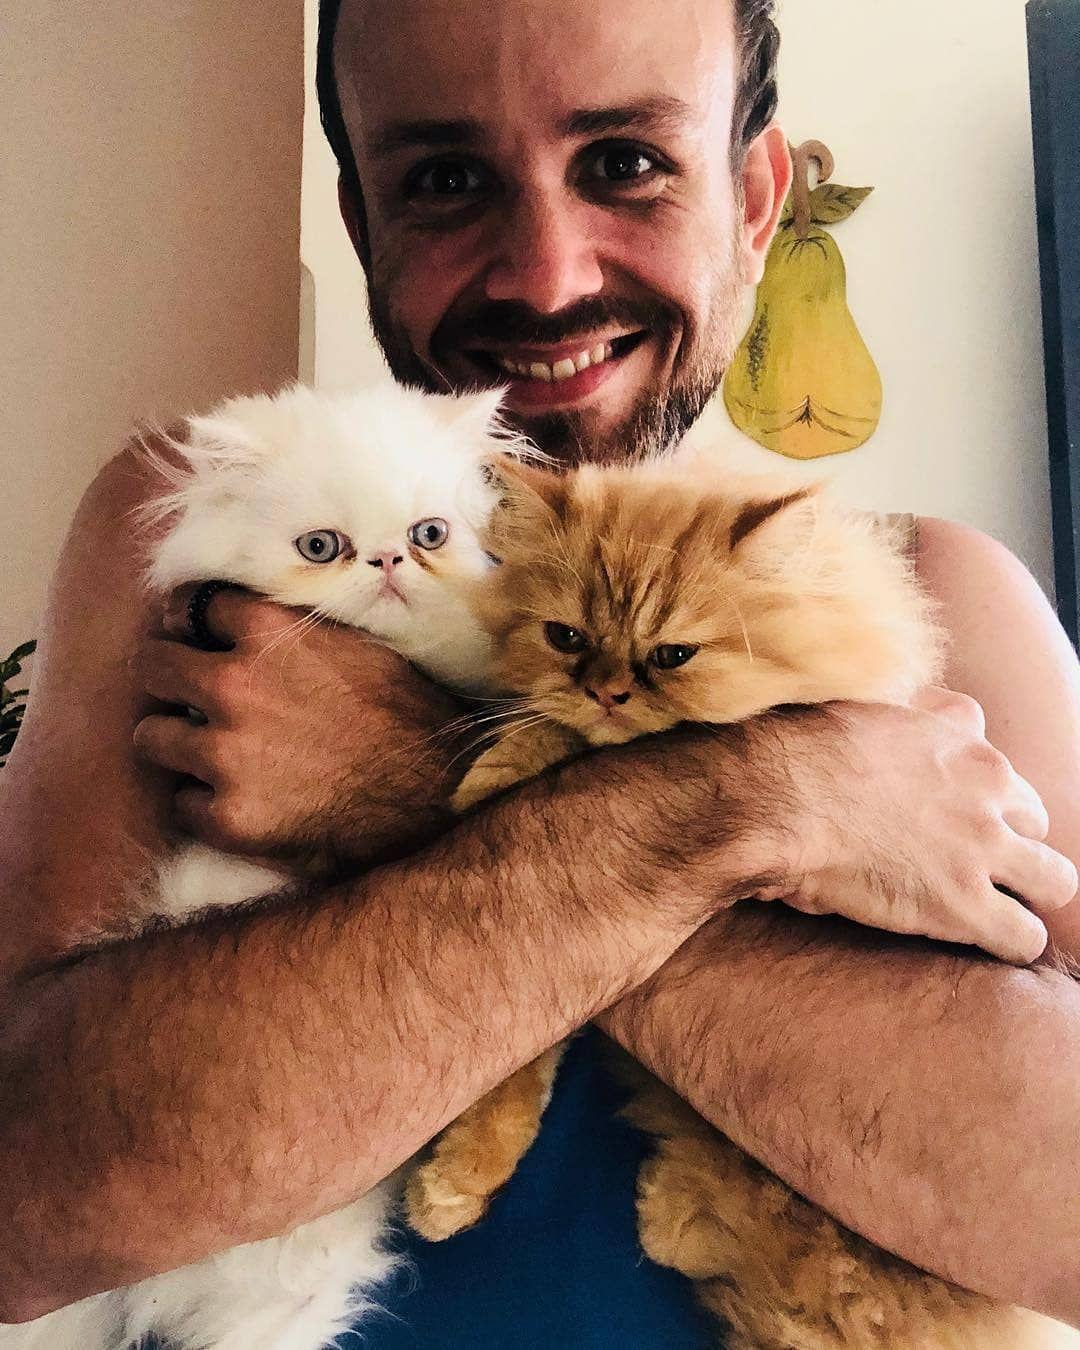 white persian cat tabby persian cat persian cats for sale persian cat price persian cat personality persian cat food persian cat black half persian cat#persiancat #catsoftheday #fluffycat #persiancats #persiancatsofinstagram #instameow #catoftheday #persiankitten #persiancatlife #adorablecat #persiancatlovers #persiancatsofi#persianchinchilla#persiancatworld #persiancats #persiancatlovers #persiancatstagram #persiancat_feature